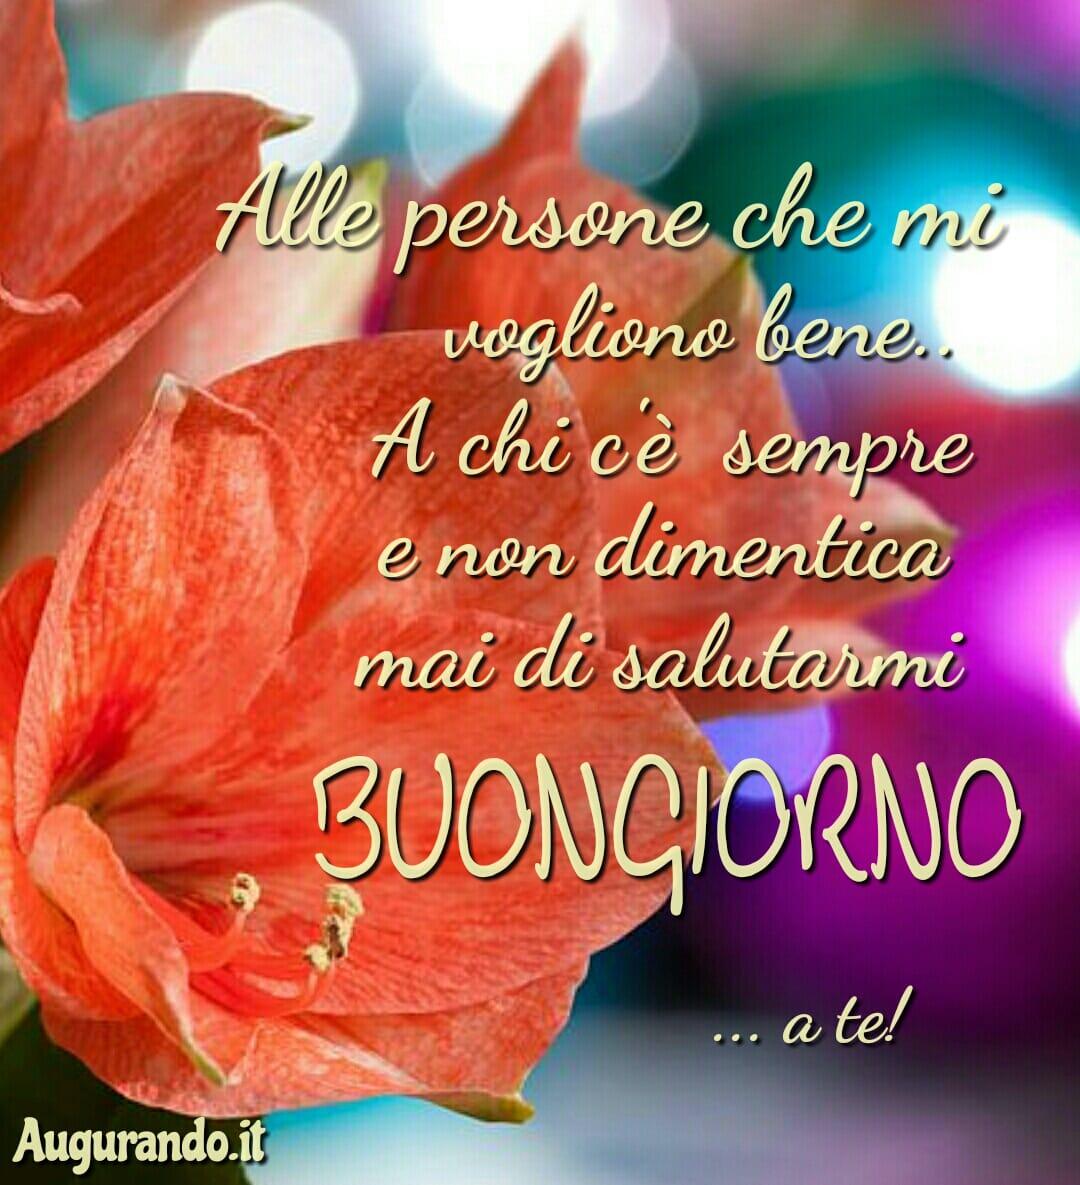 Buongiorno, giorno, buona giornata, felice giorno, immagini buongiorno, sereno giorno, dolce giorno, felicissima giornata, dolcissima giornata, lieto giorno, giornata splendida, buongiorno a te, buongiorno a tutti, buongiorno amore